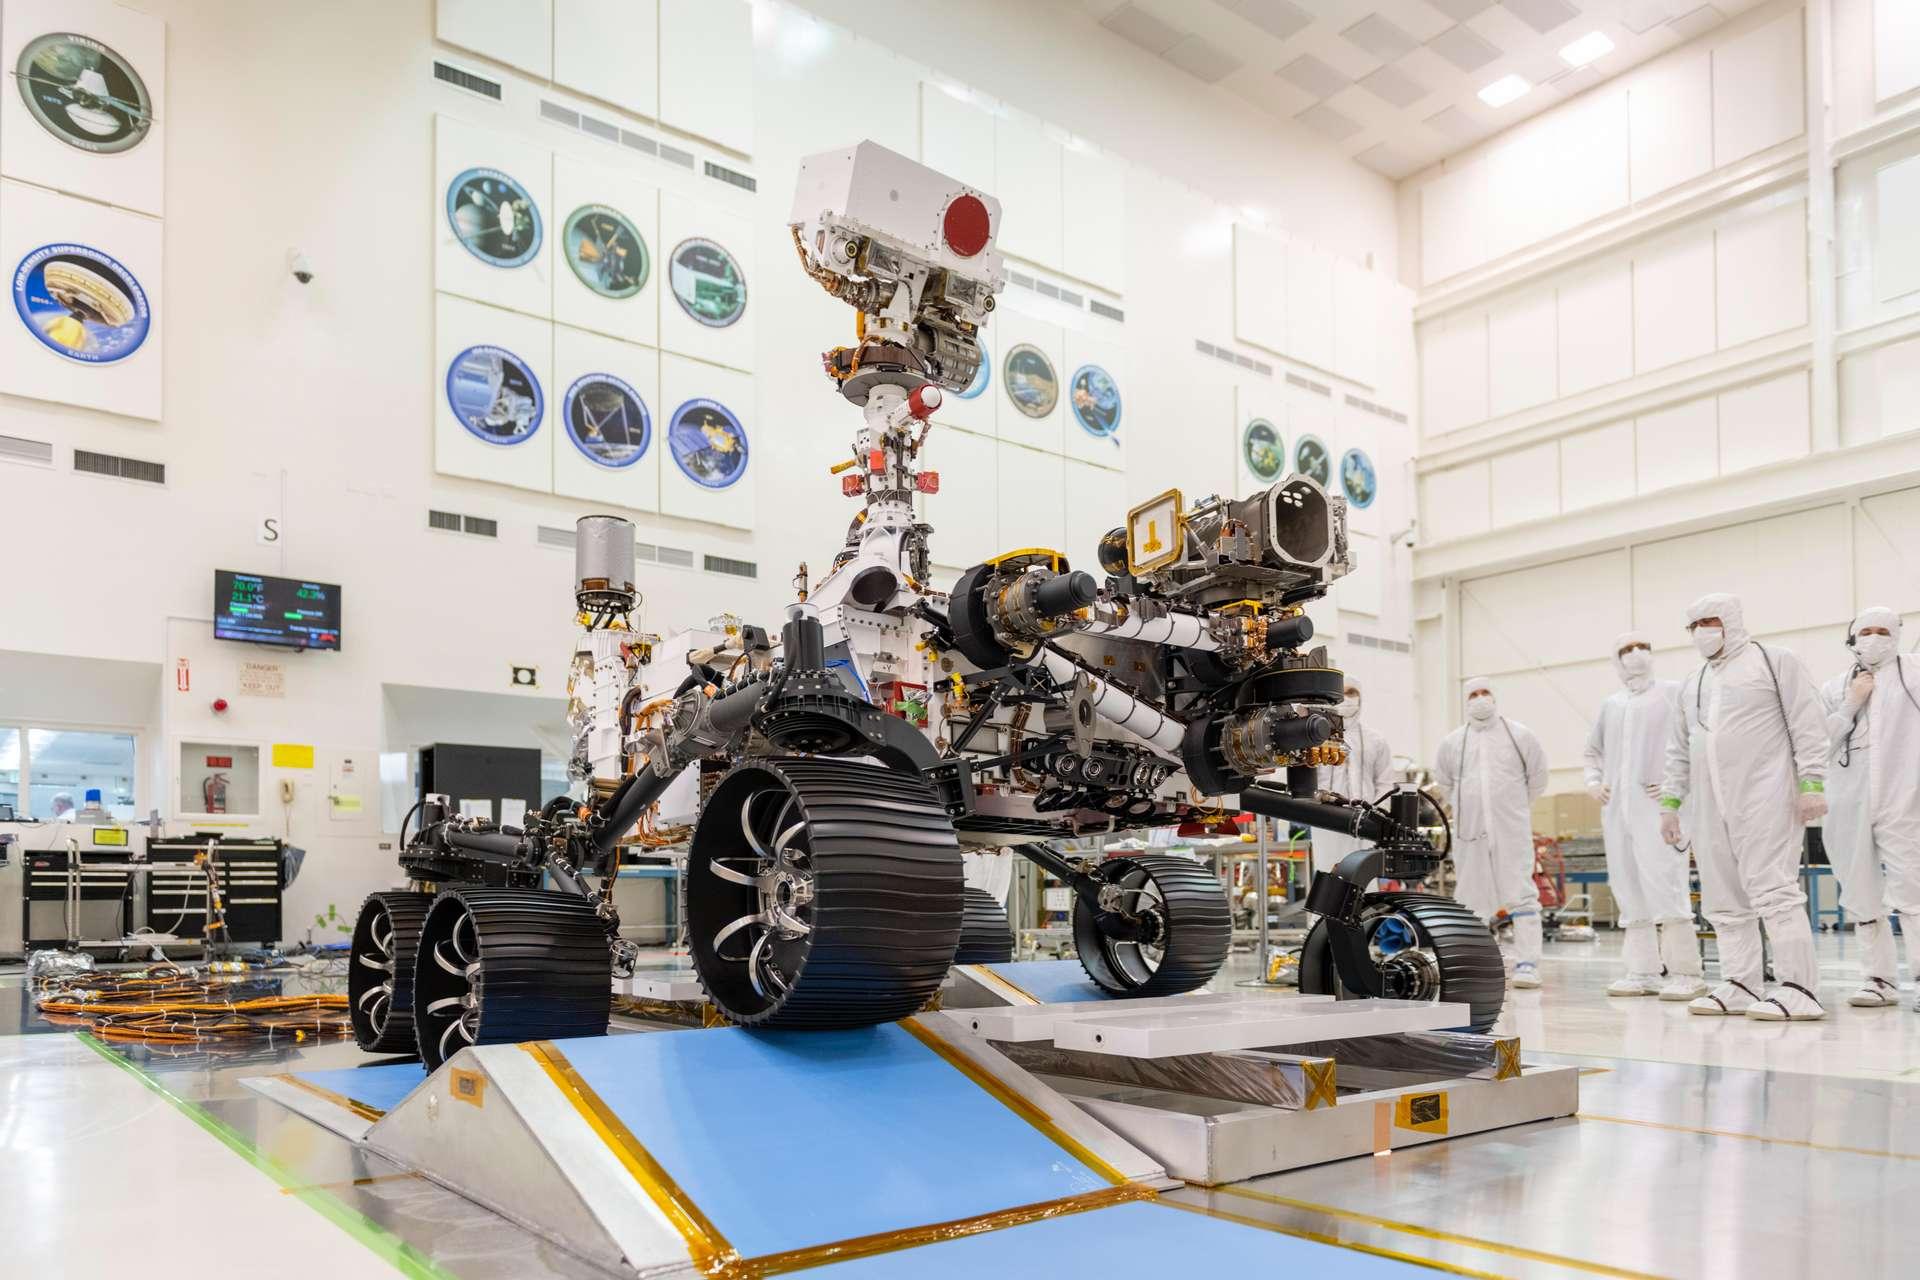 Le beau et puissant Mars 2020 lors de ses tests de mobilité. Son départ pour la Planète rouge est prévu pour l'été 2020. © Nasa, JPL-Caltech